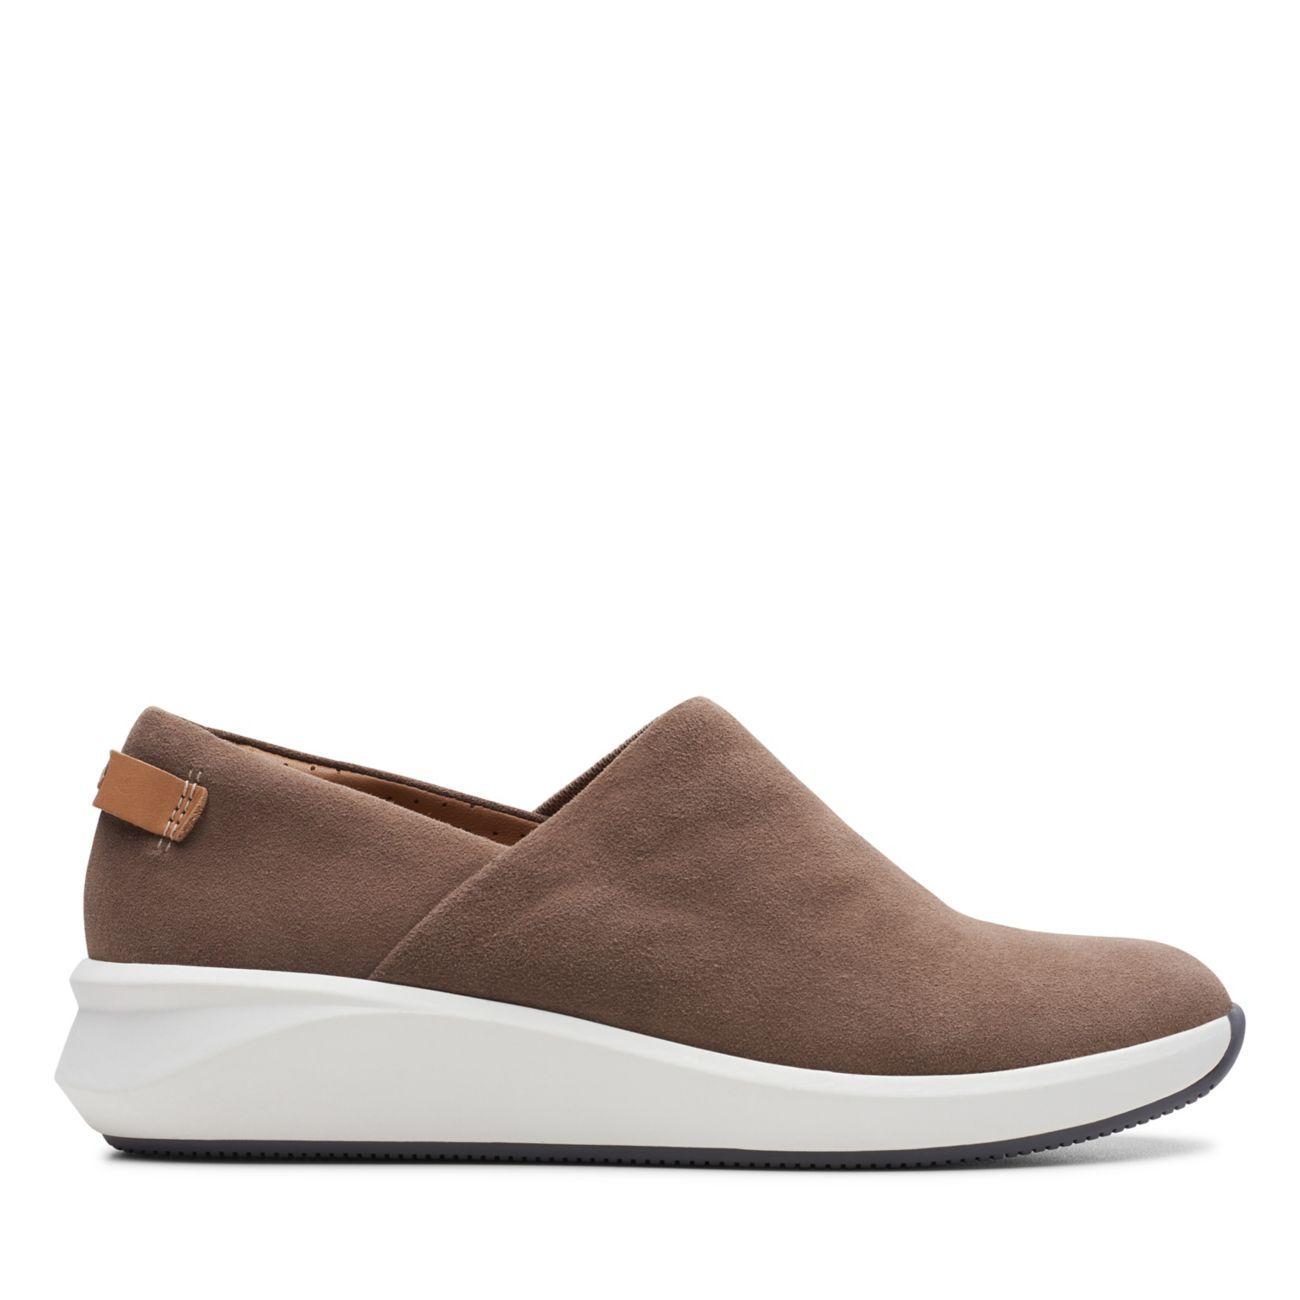 Clarks shoes women, Casual shoes women